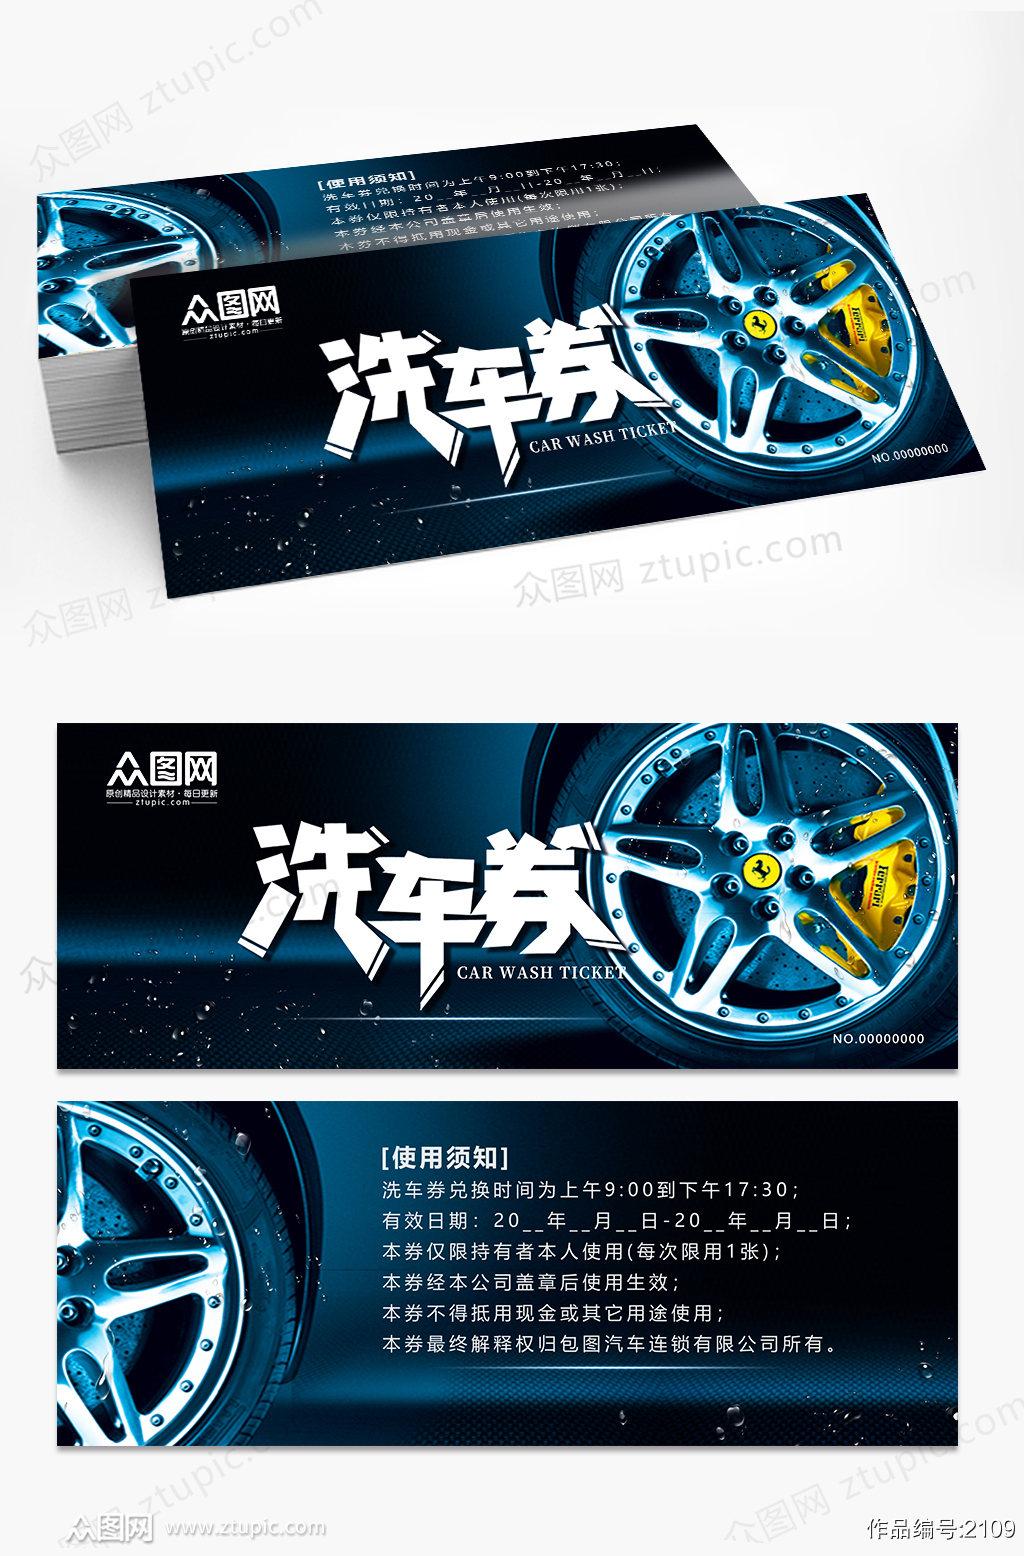 高端蓝色汽车美容洗车劵代金券设计素材